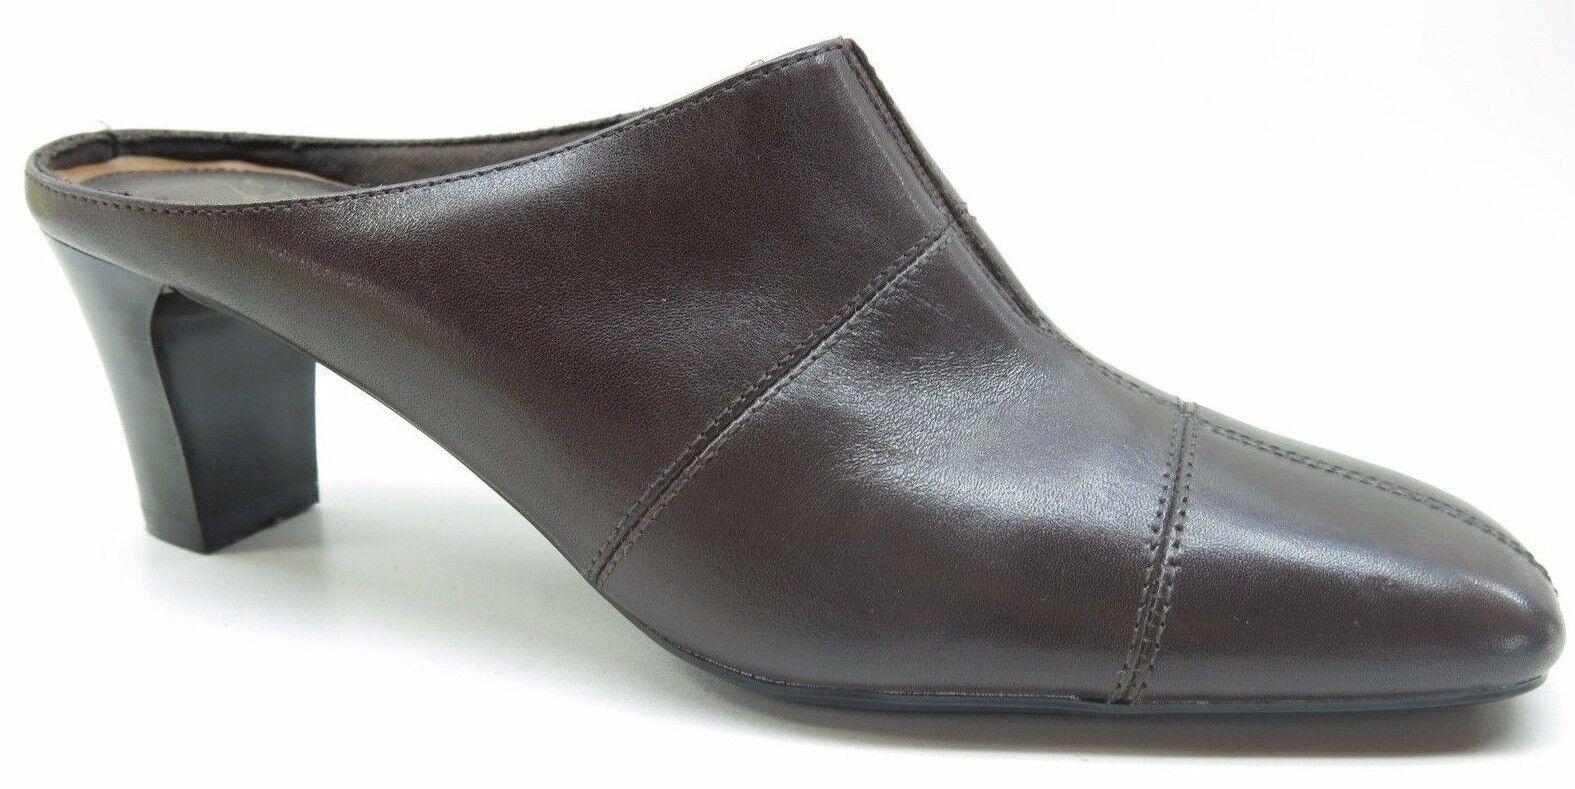 LifeStride Nomad Brown Faux Leather High Heel 7.5 Mule Dress Pump 7.5M 7.5 Heel MSRP $79 93b925